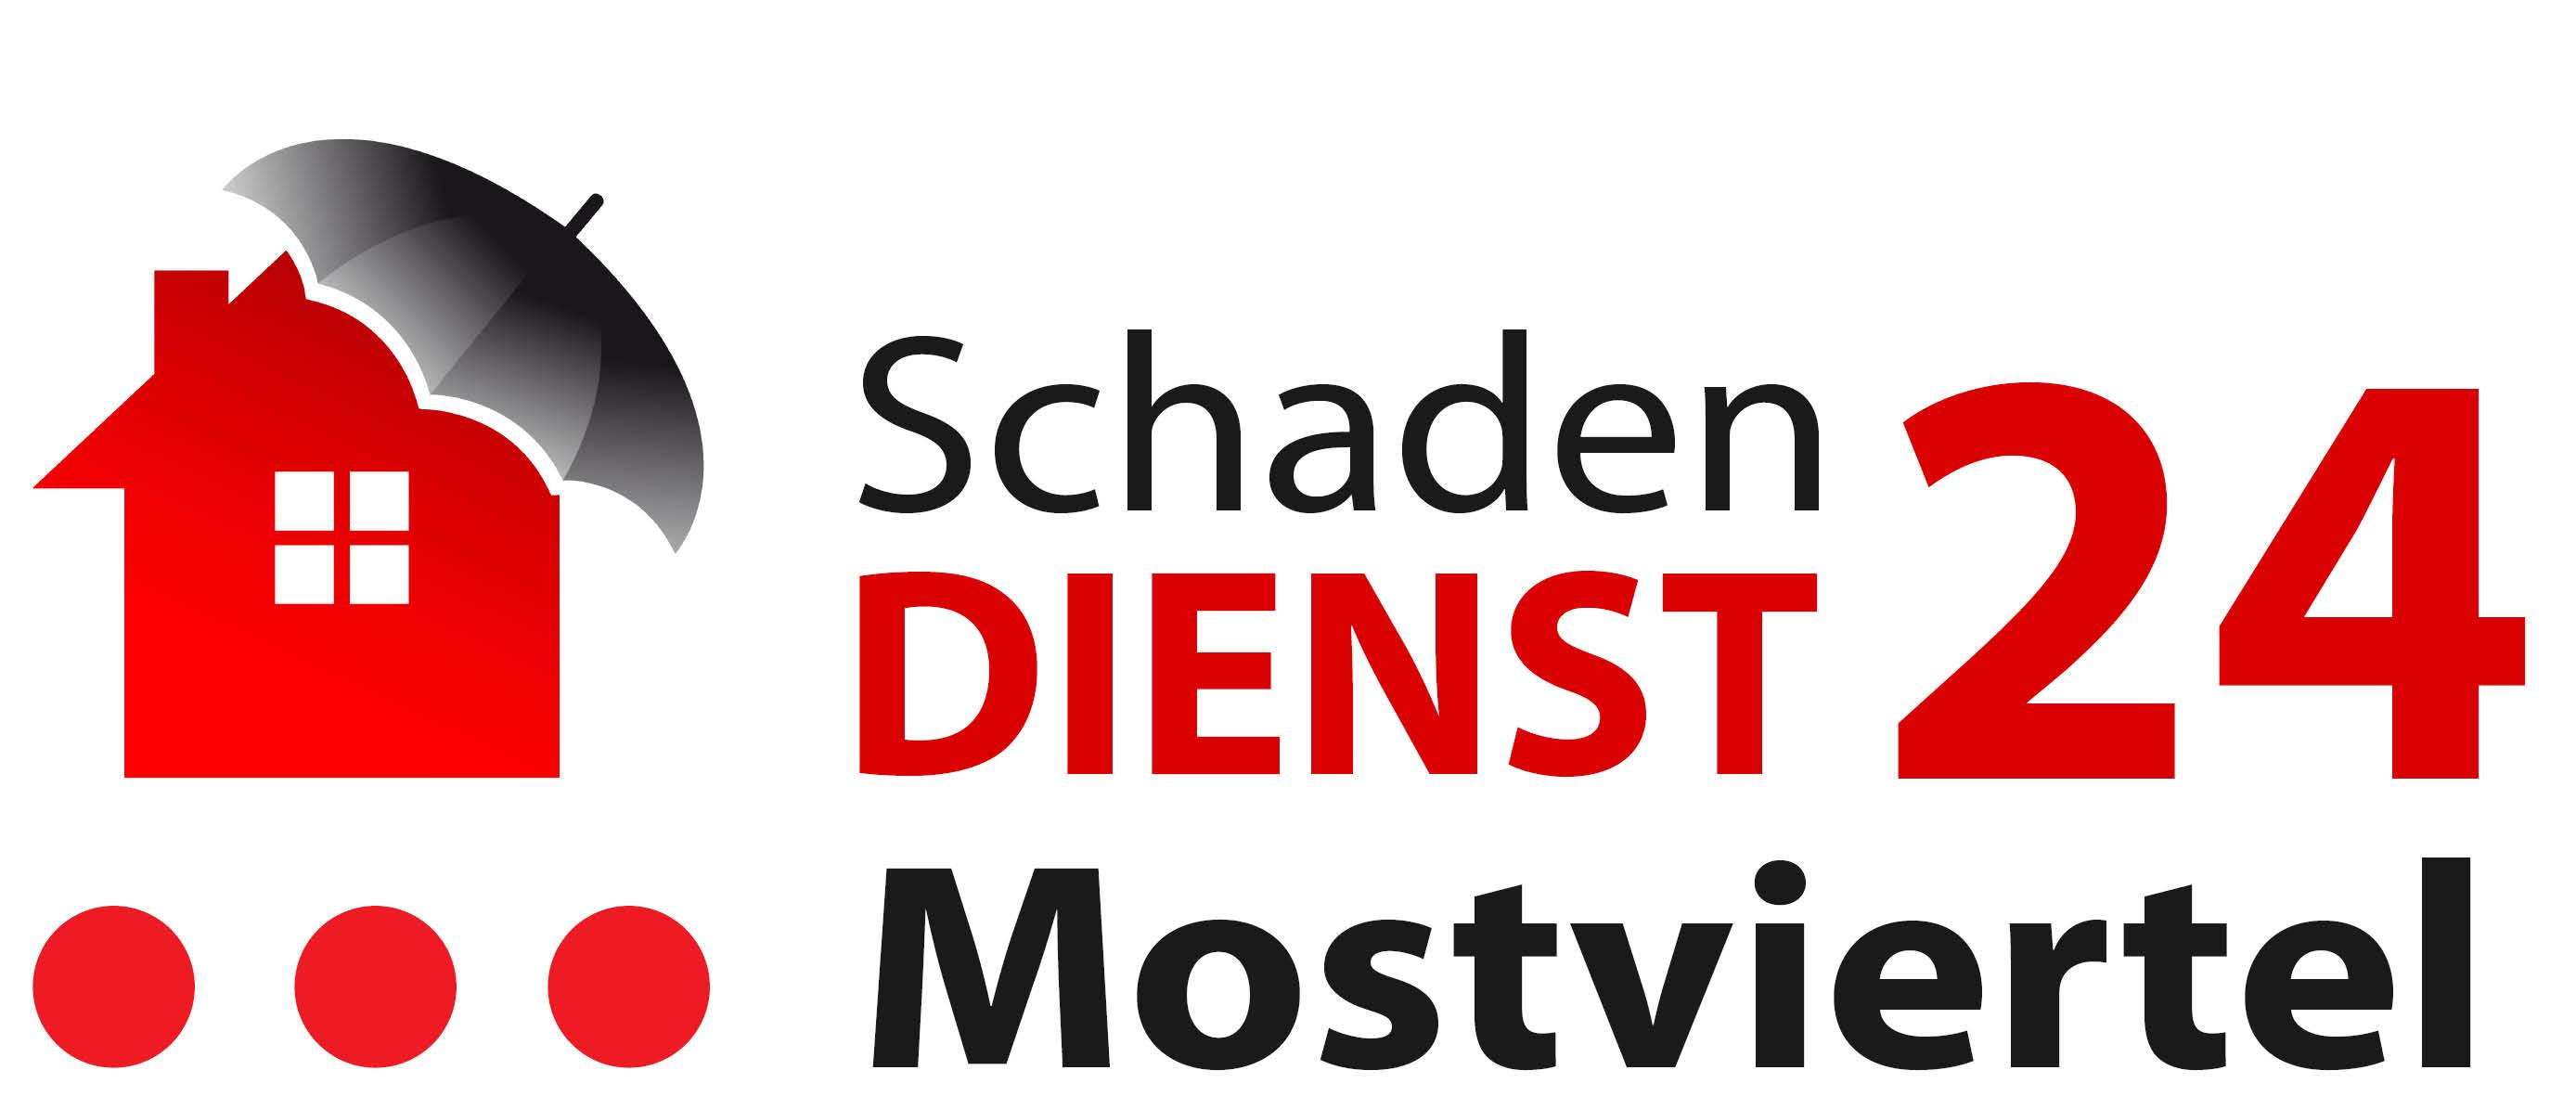 Schadendienst24 Mostviertel Logo